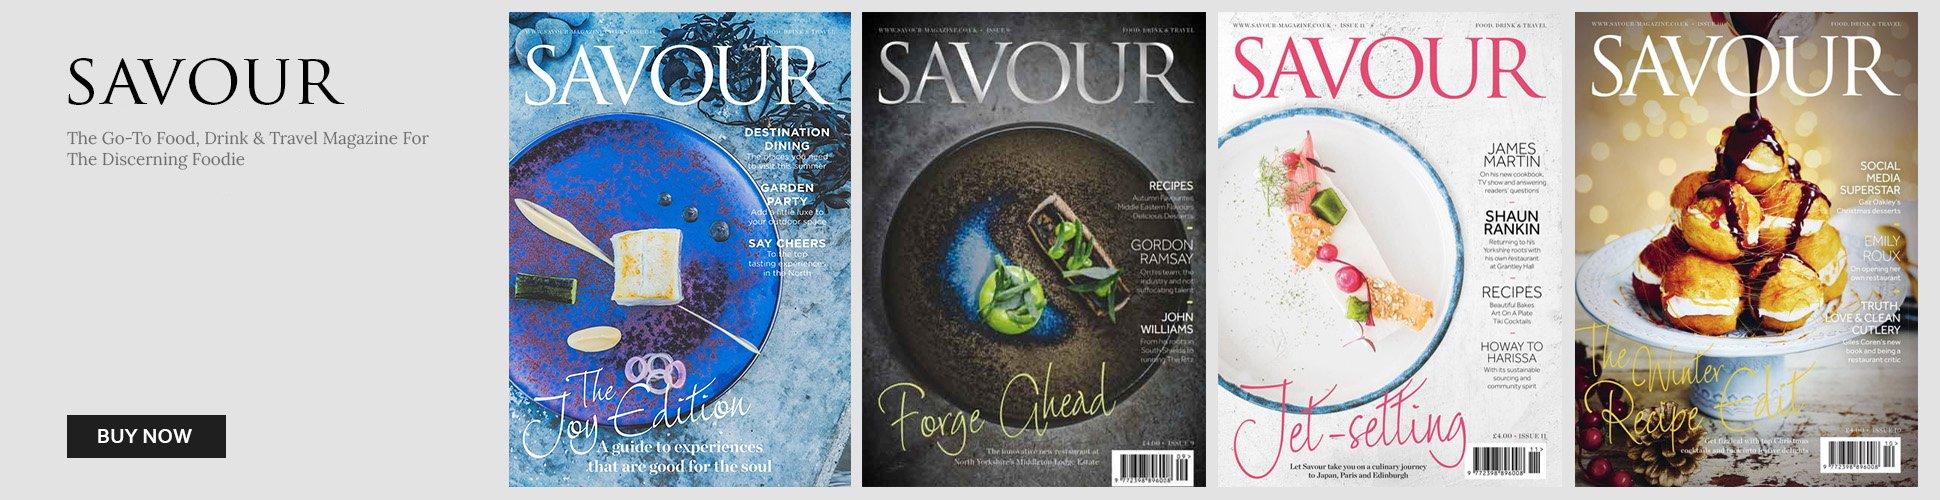 Buy Savour Magazine